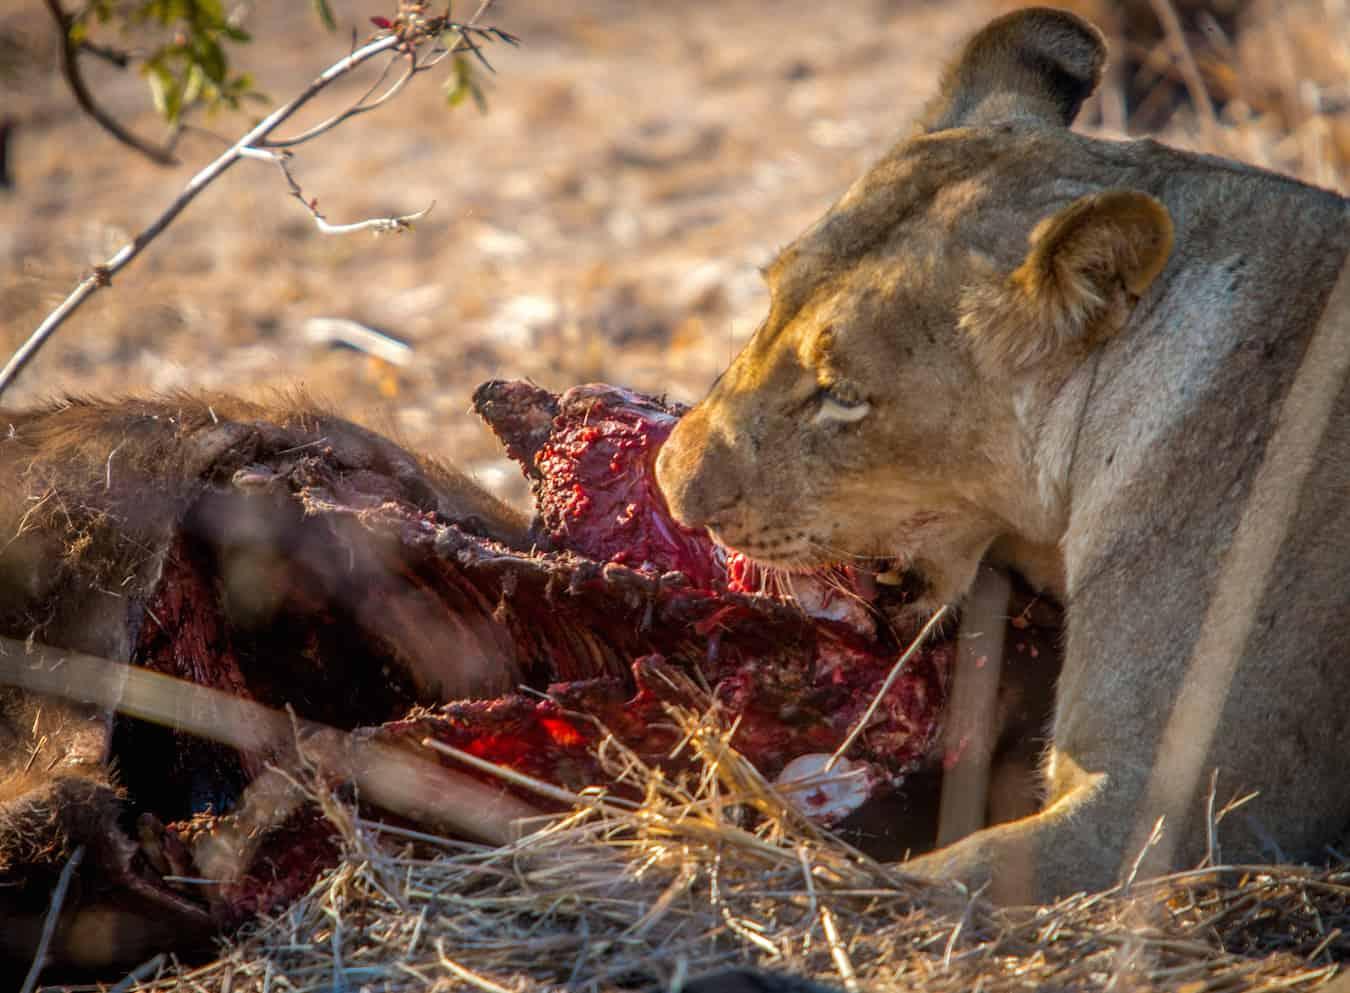 Lioness Devouring Buffalo in Kruger National Park